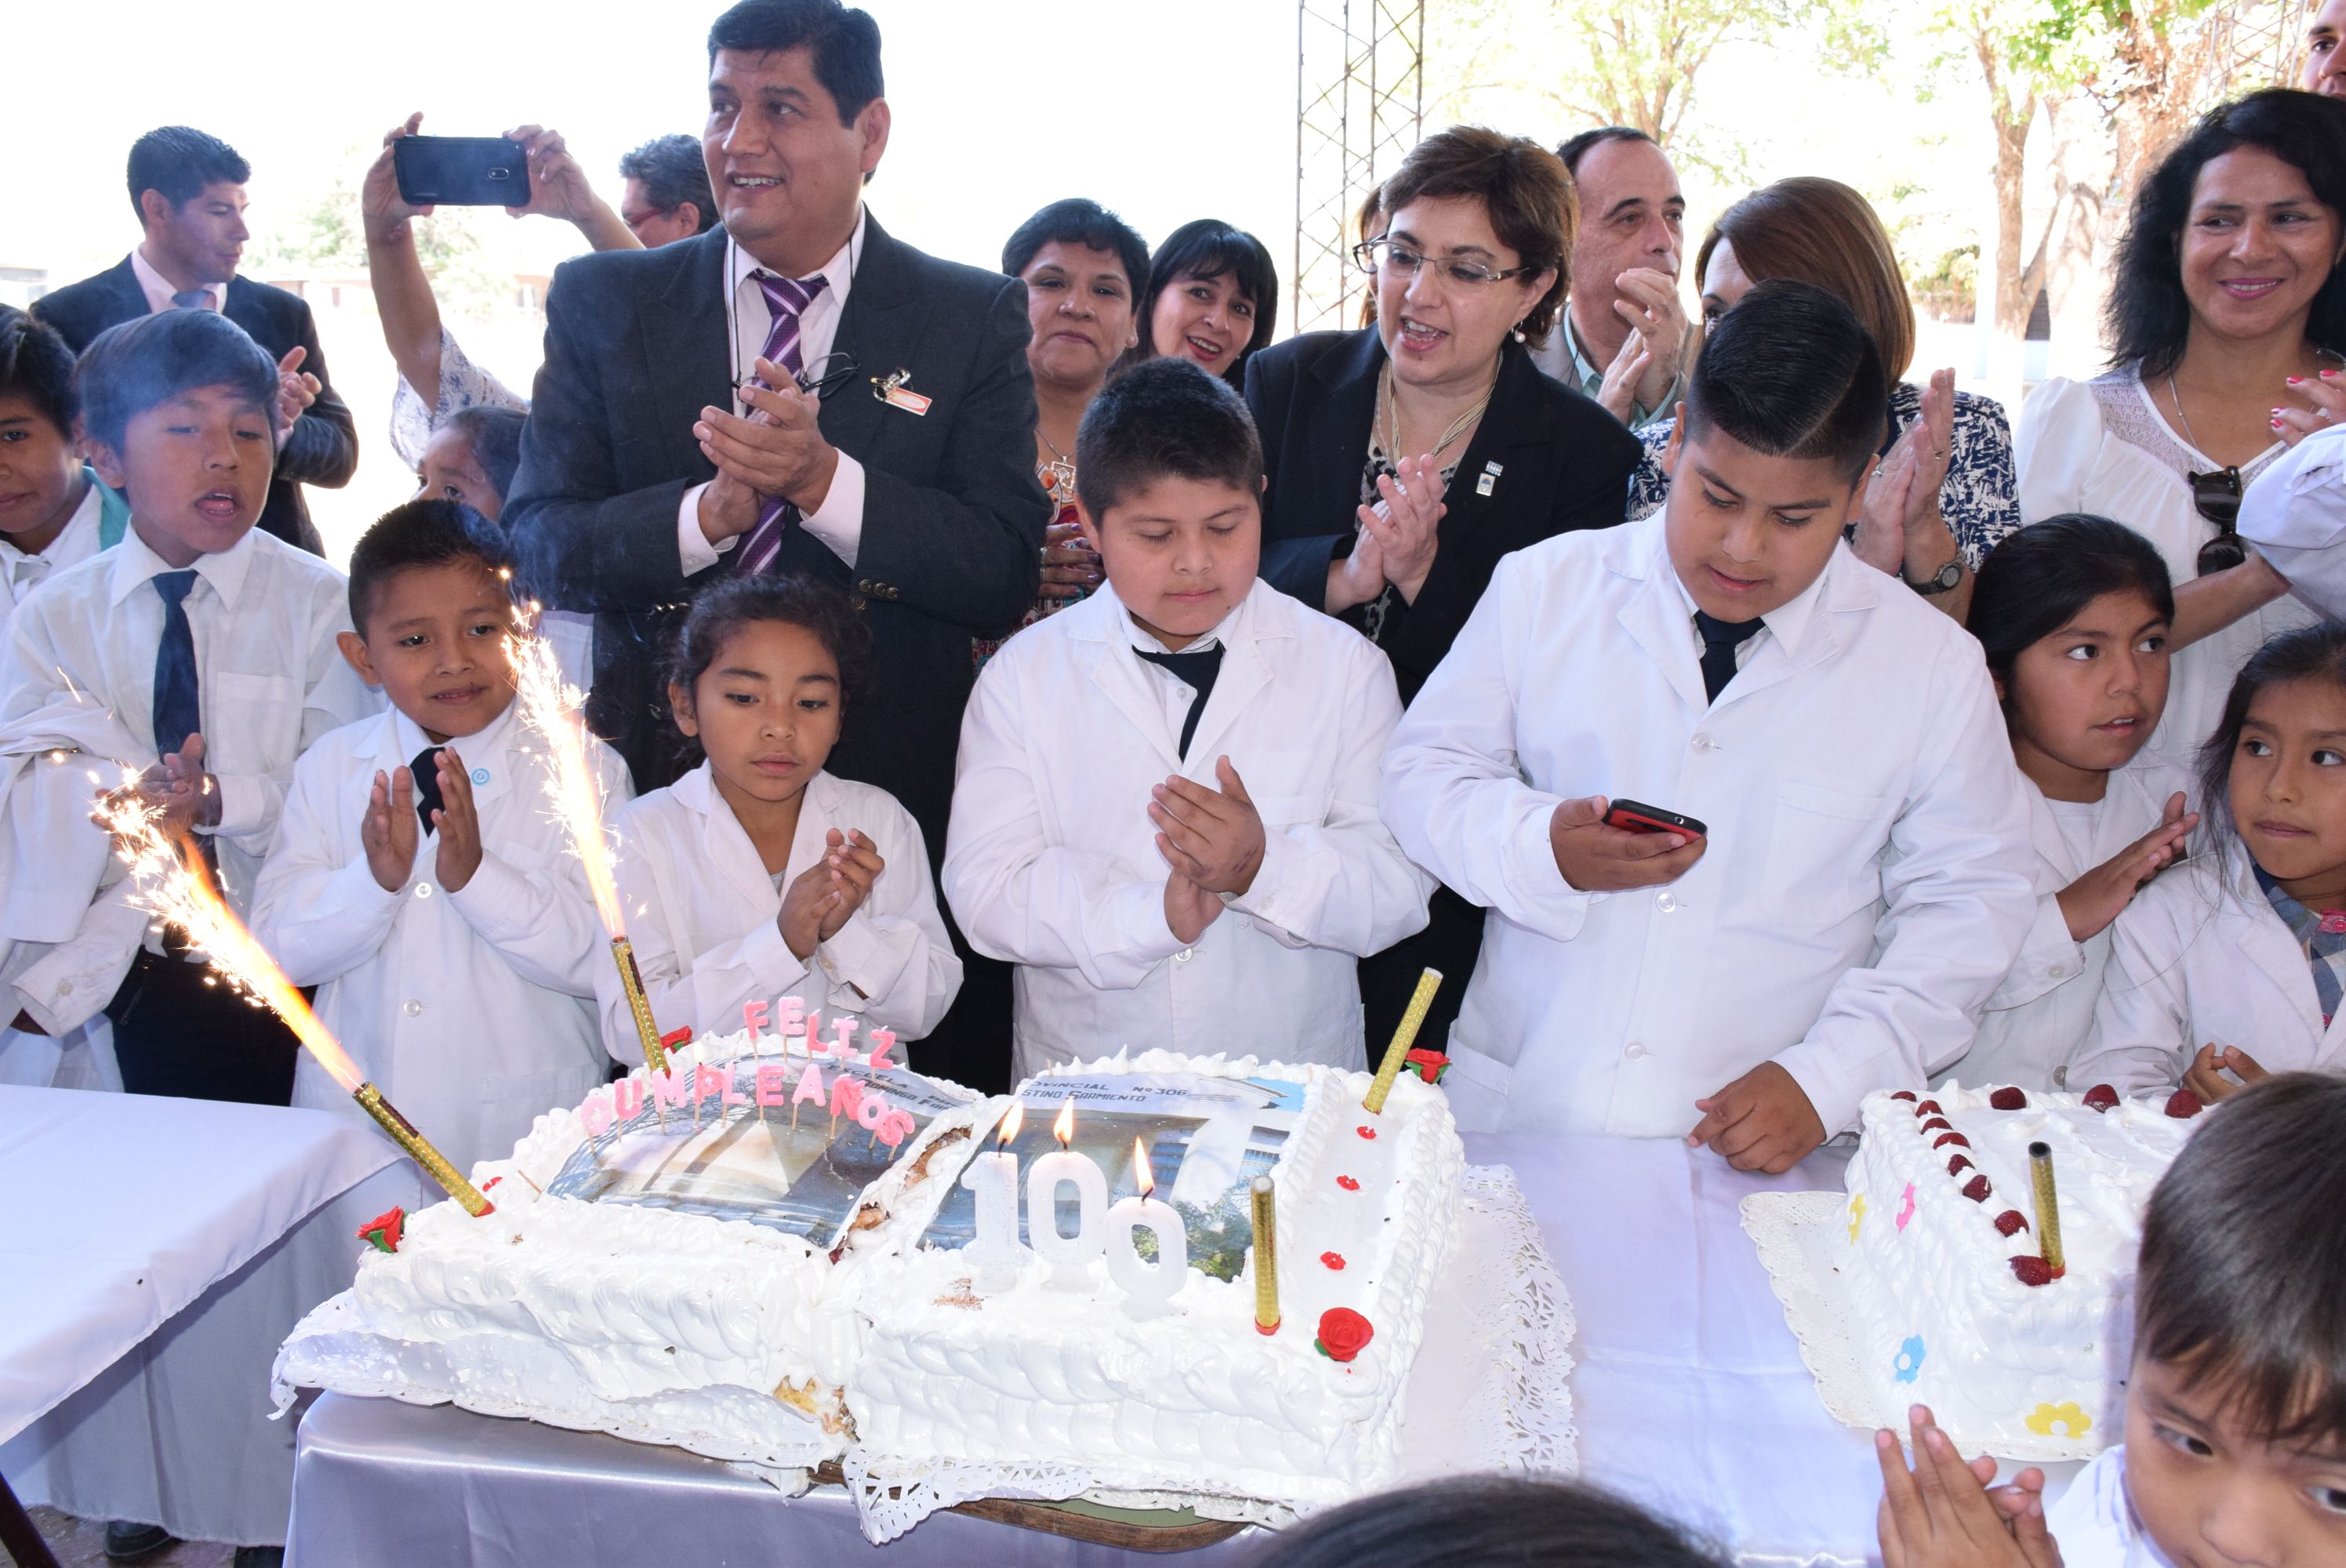 Festejo celeste y blanco por el centenario de la Escuela Sarmiento de Arrayanal